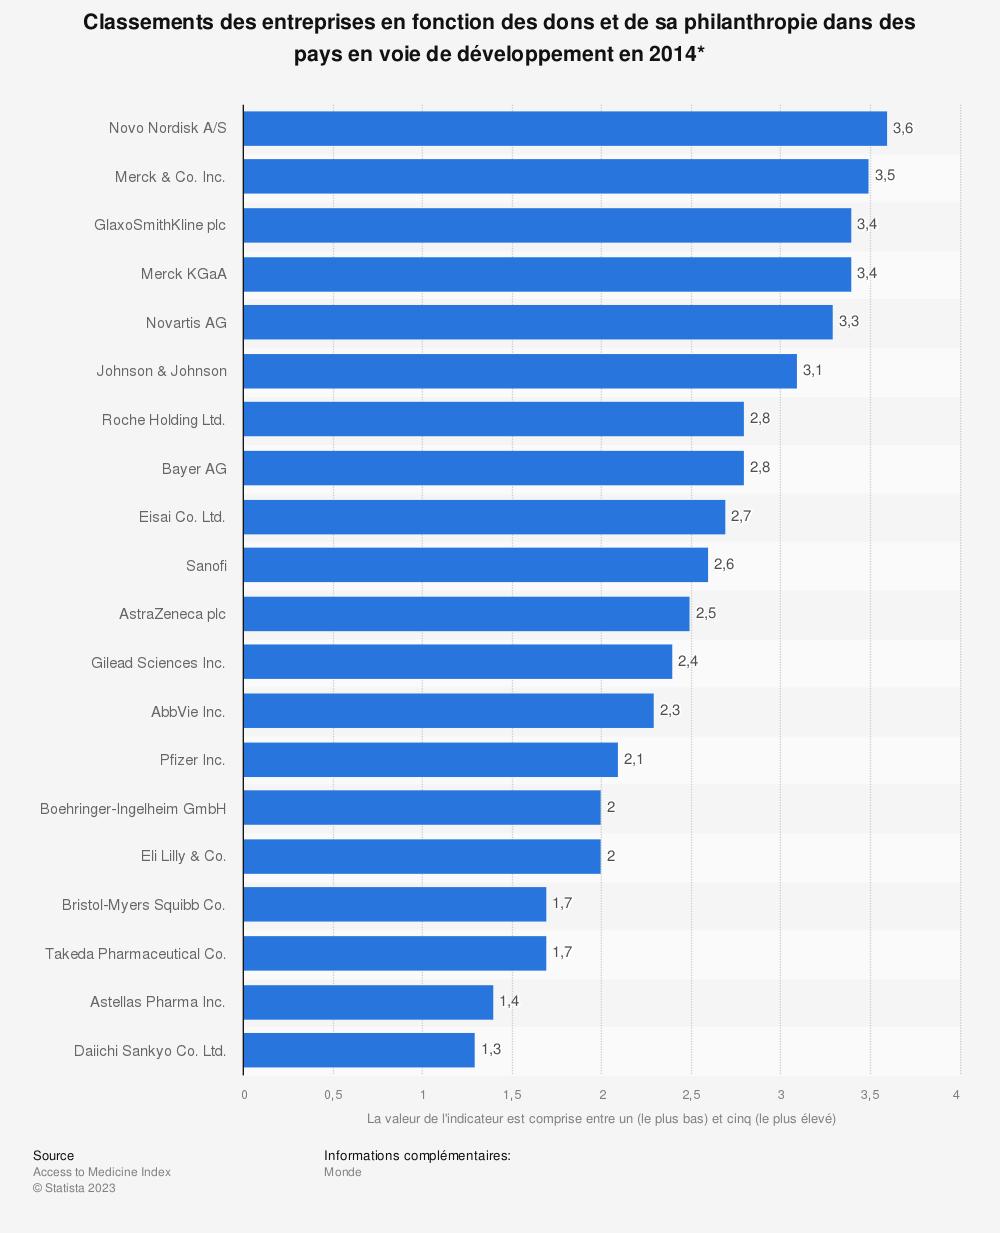 Statistique: Classements des entreprises en fonction des dons et de sa philanthropie dans des pays en voie de développement en 2014* | Statista